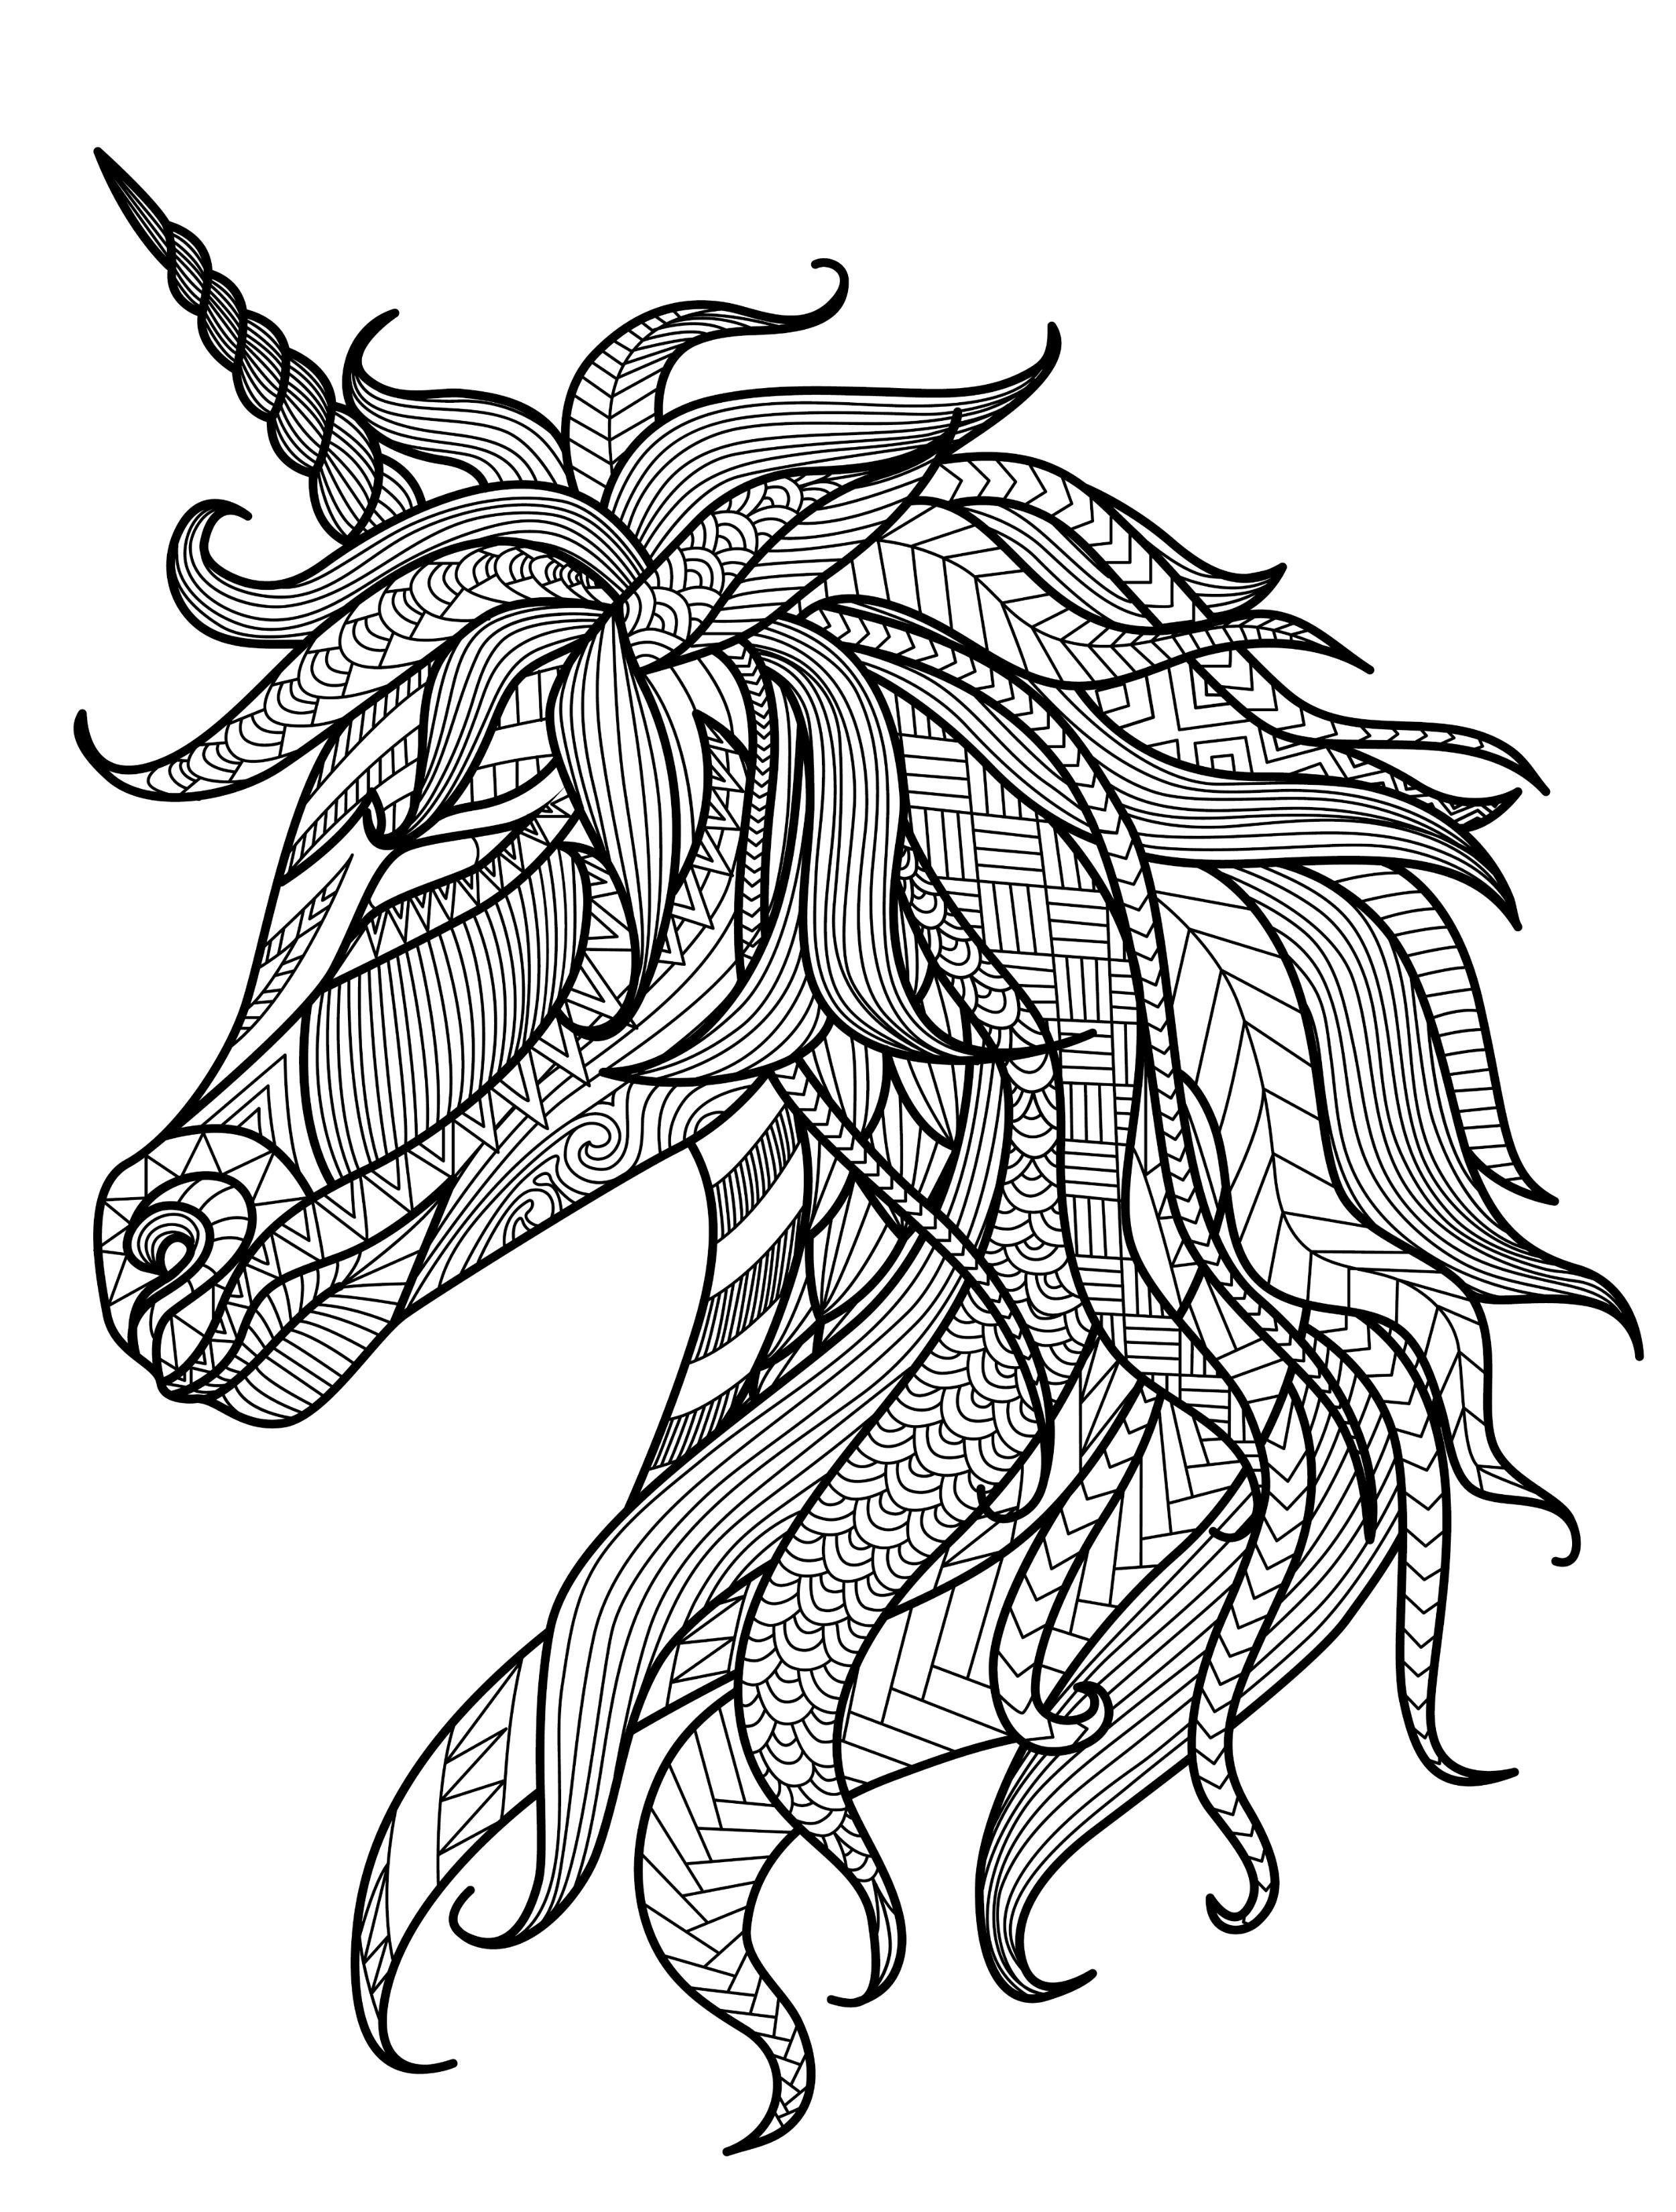 Ausmalbilder Zum Ausdrucken Einhorn Einzigartig Ausmalbilder Einhorn Erwachsene Malvorlagen Pegasus Colorbook Bild